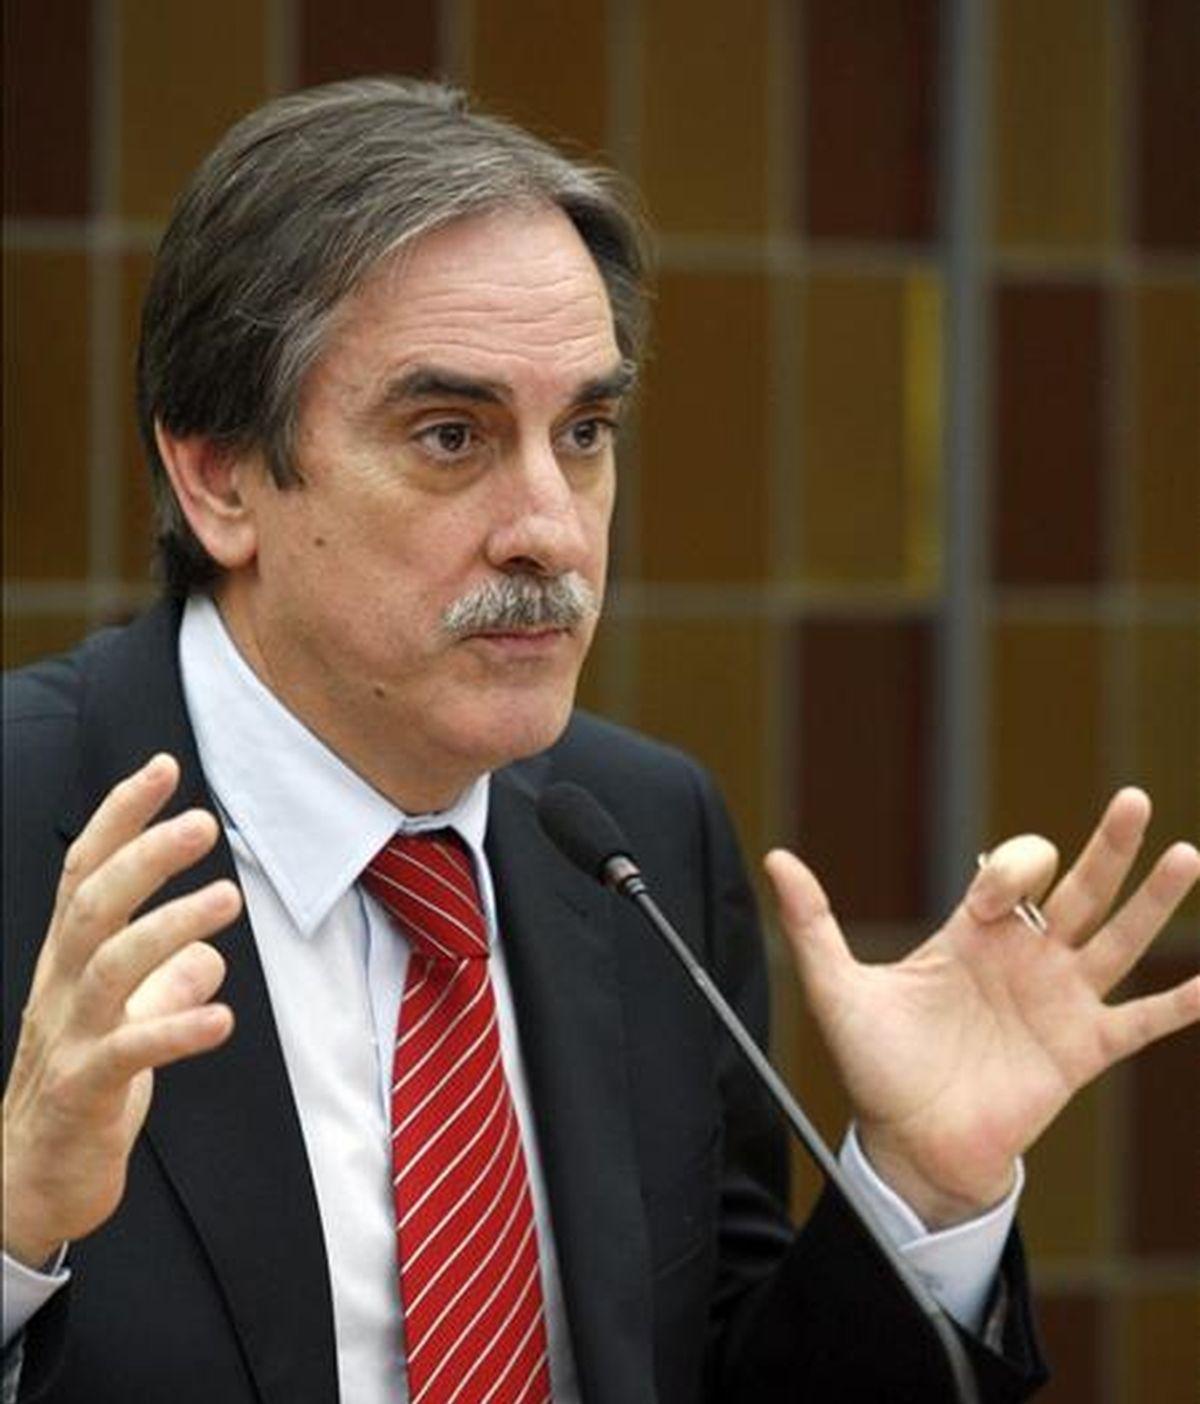 El ministro de Trabajo e Inmigración, Valeriano Gómez, durante una rueda de prensa. EFE/Archivo